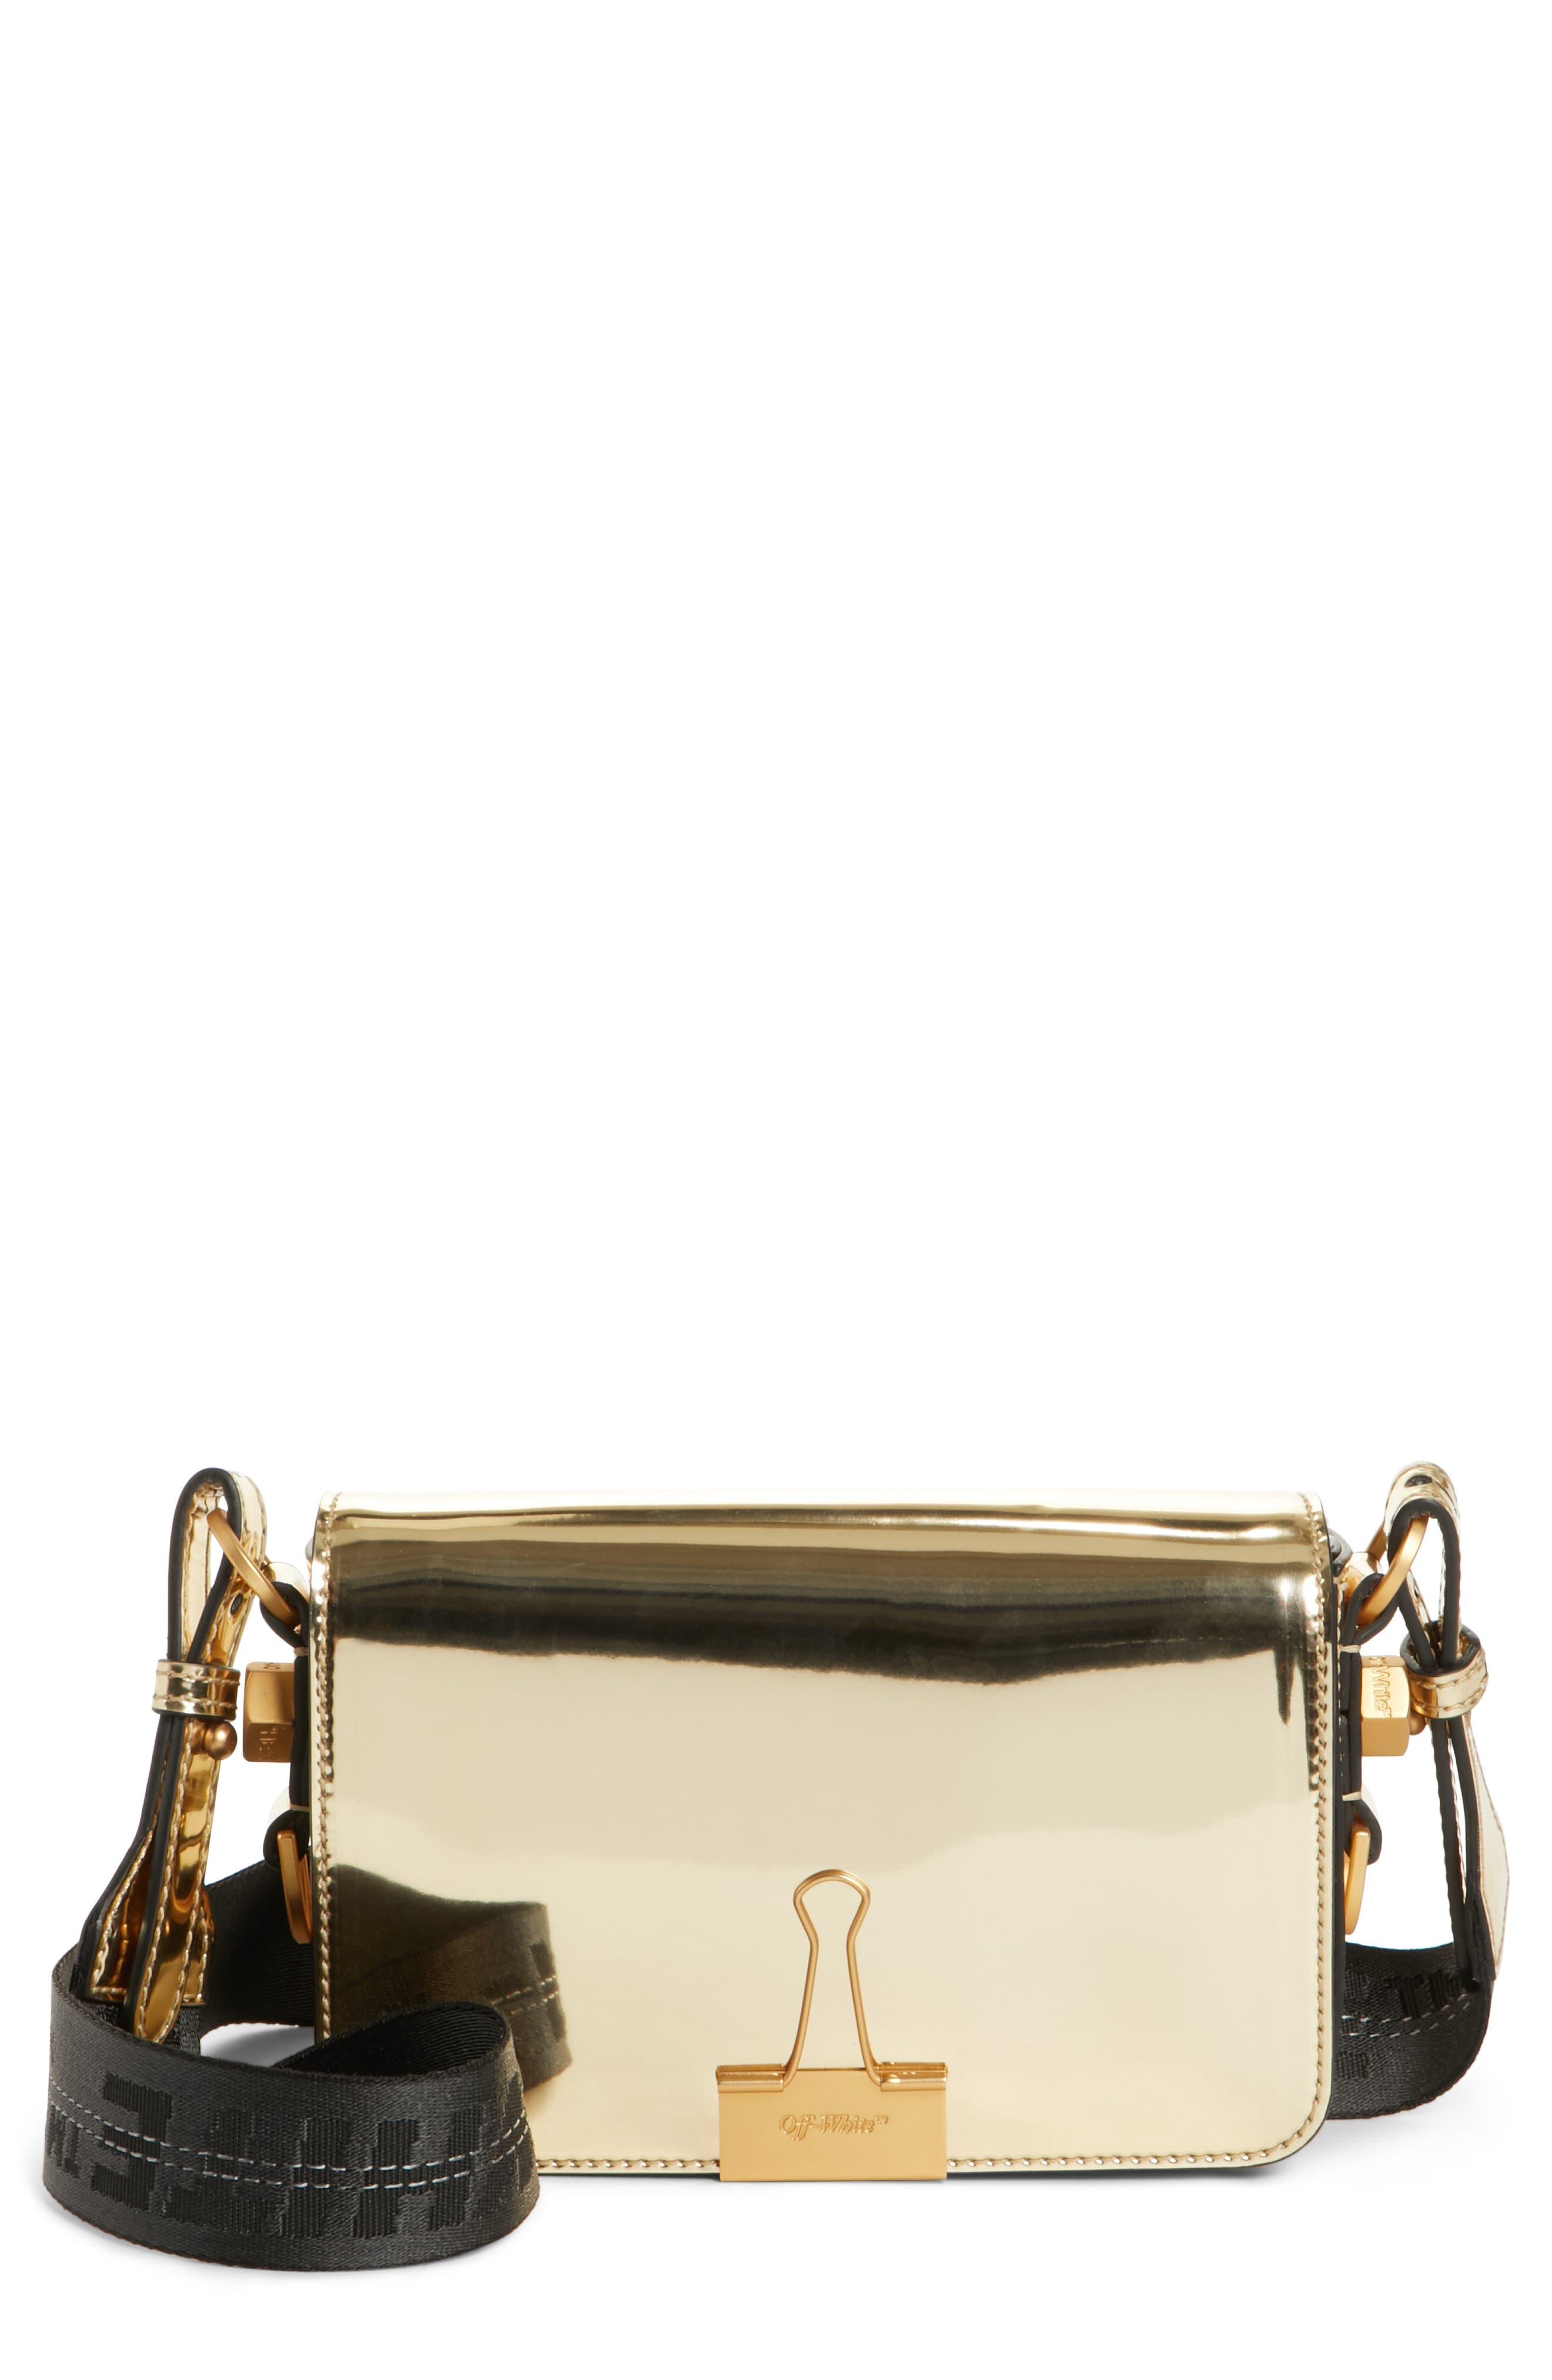 Off-White Metallic Mini Flap Bag